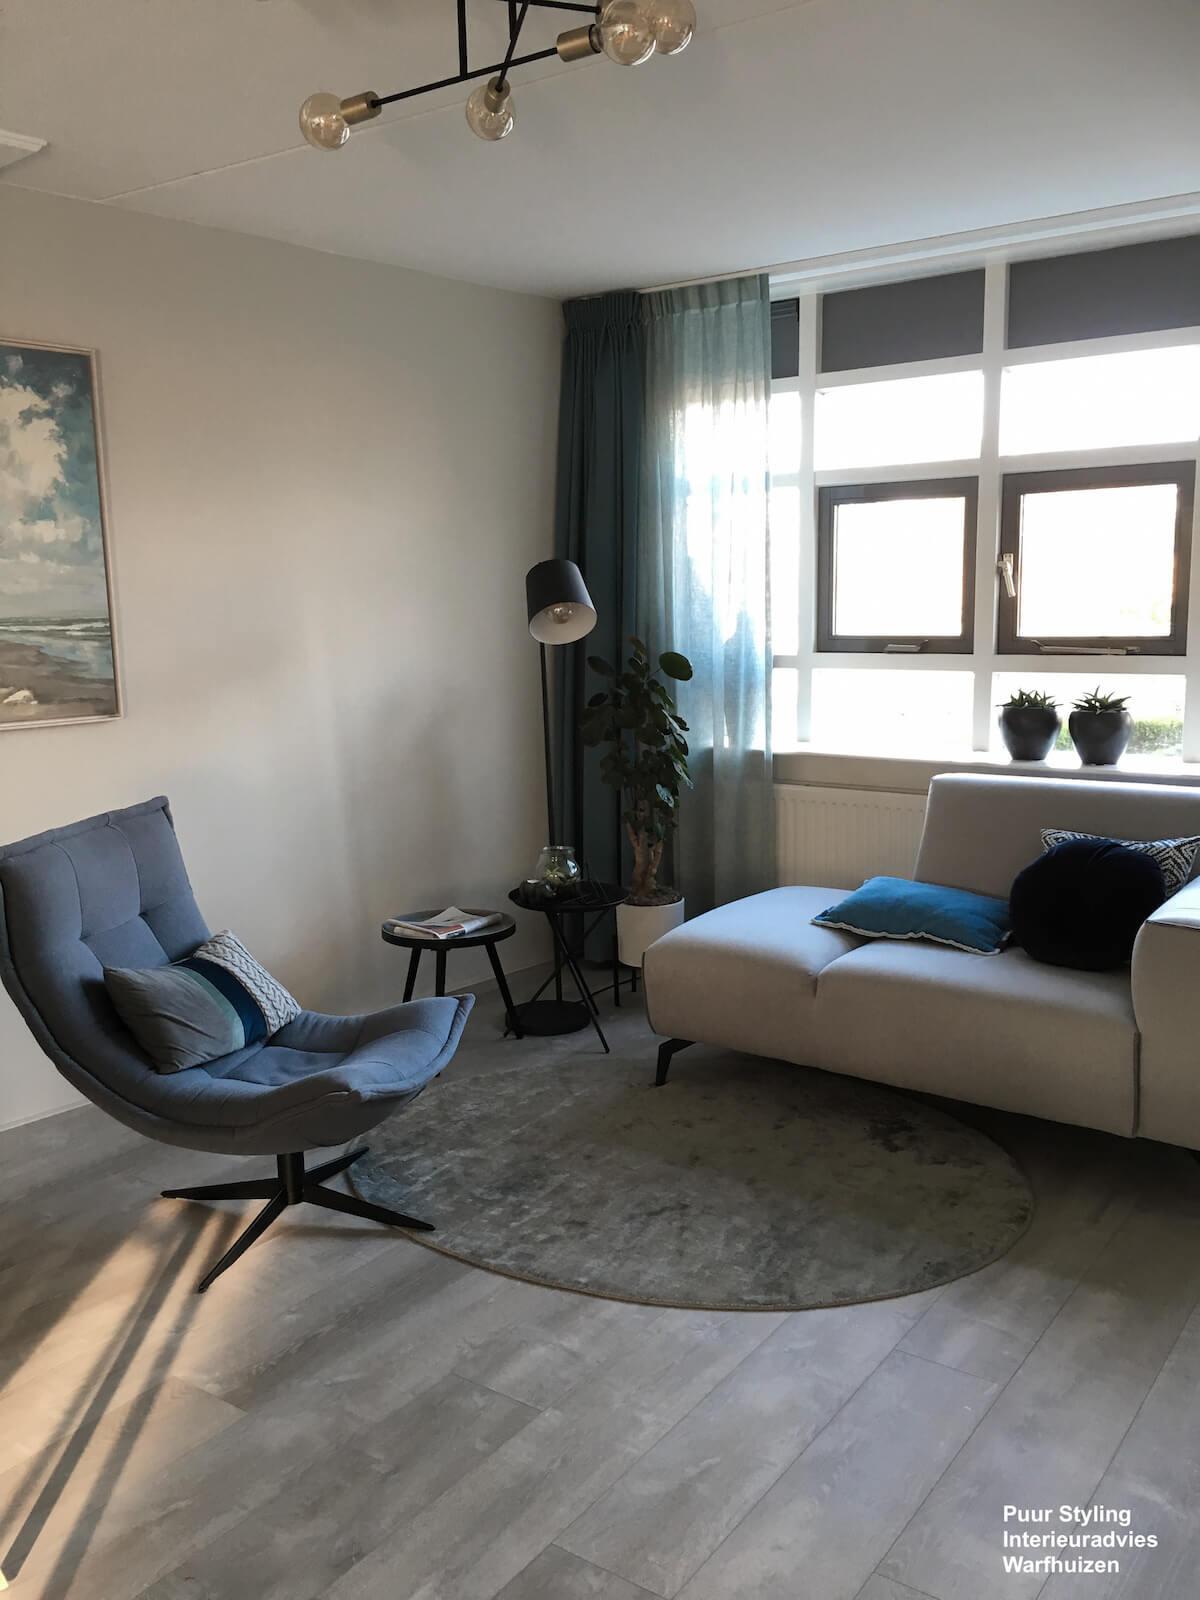 Puur Styling interieuradvies Warfhuizen Groningen